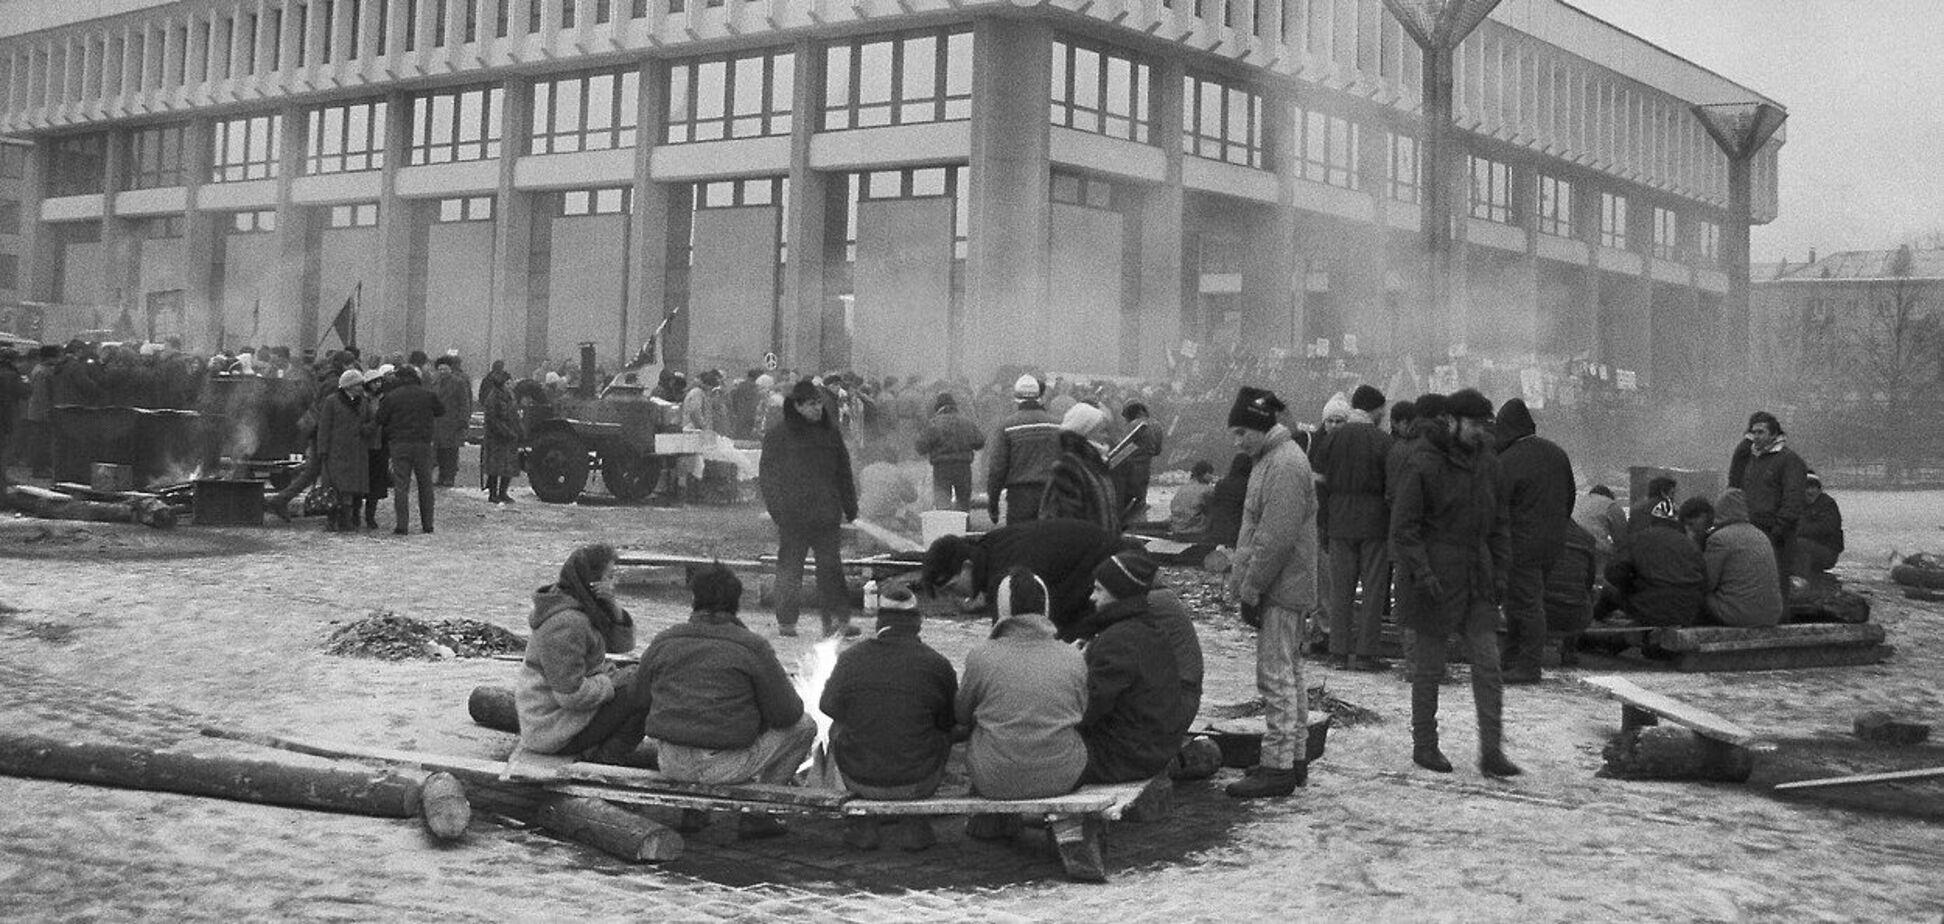 Советские войска 30 лет назад захватили телебашню и телецентр в Вильнюсе